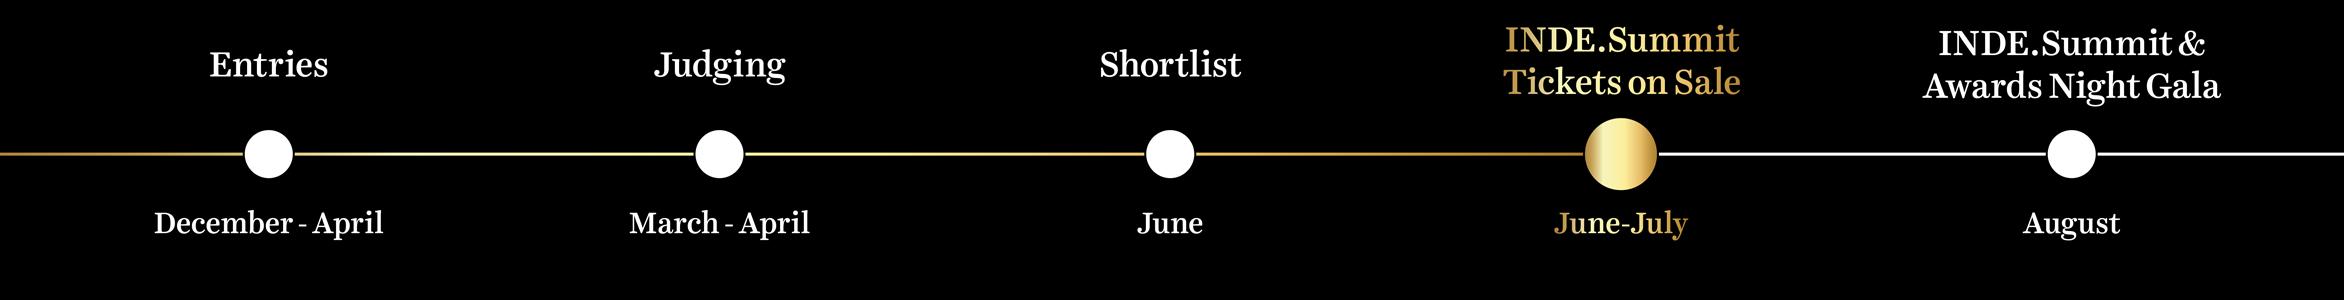 INDE.Awards Timeline